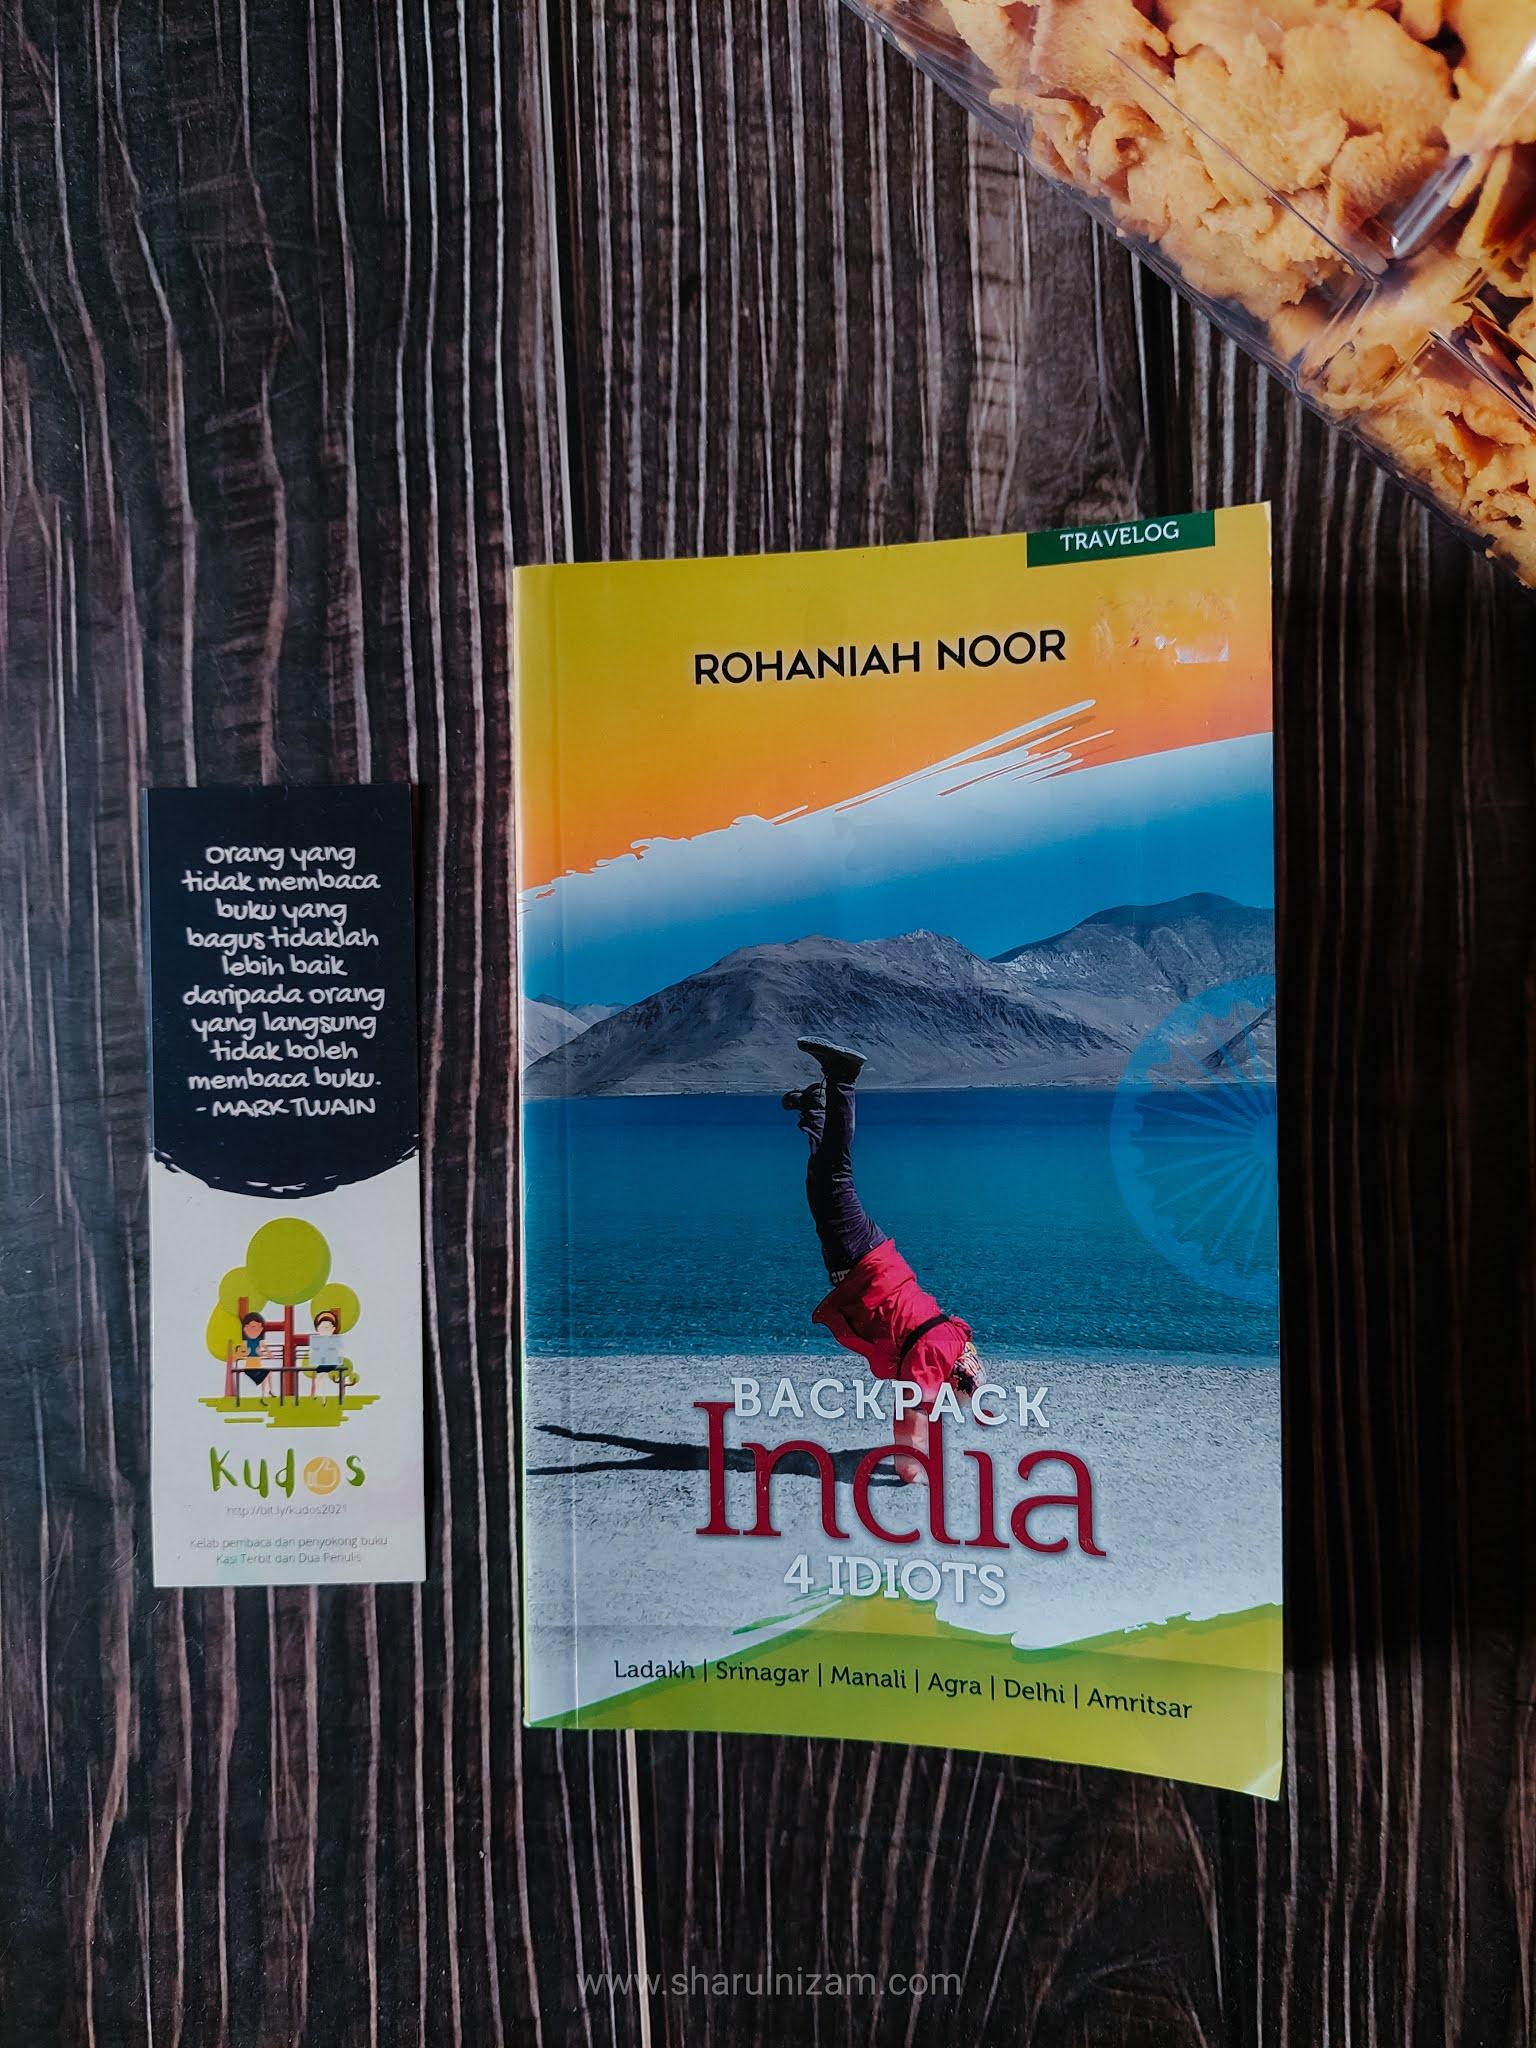 Backpack India 4 Idiots (Oleh Rohaniah Noor)